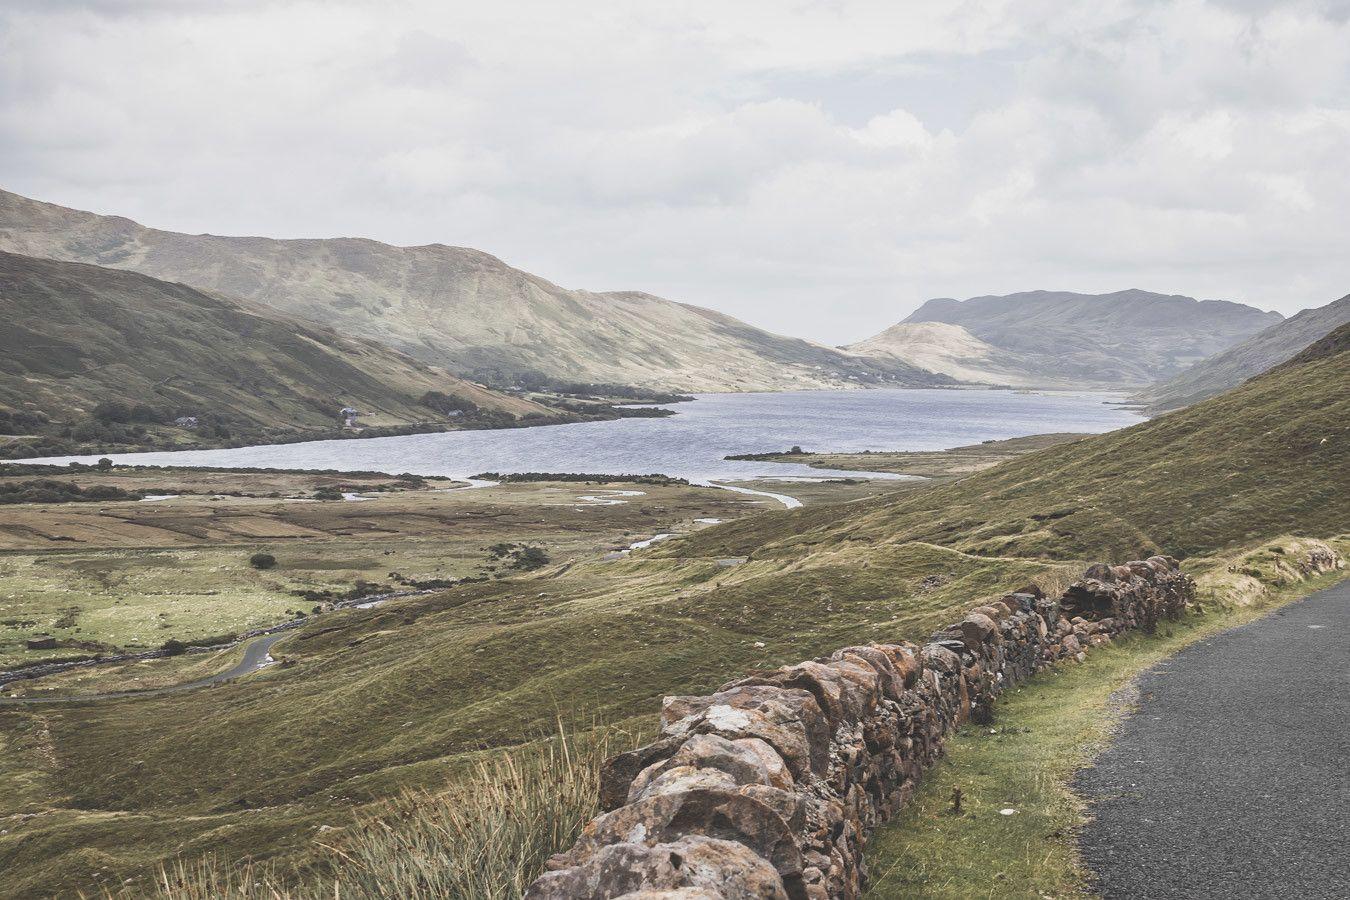 magnifique paysage depuis la route en irlande